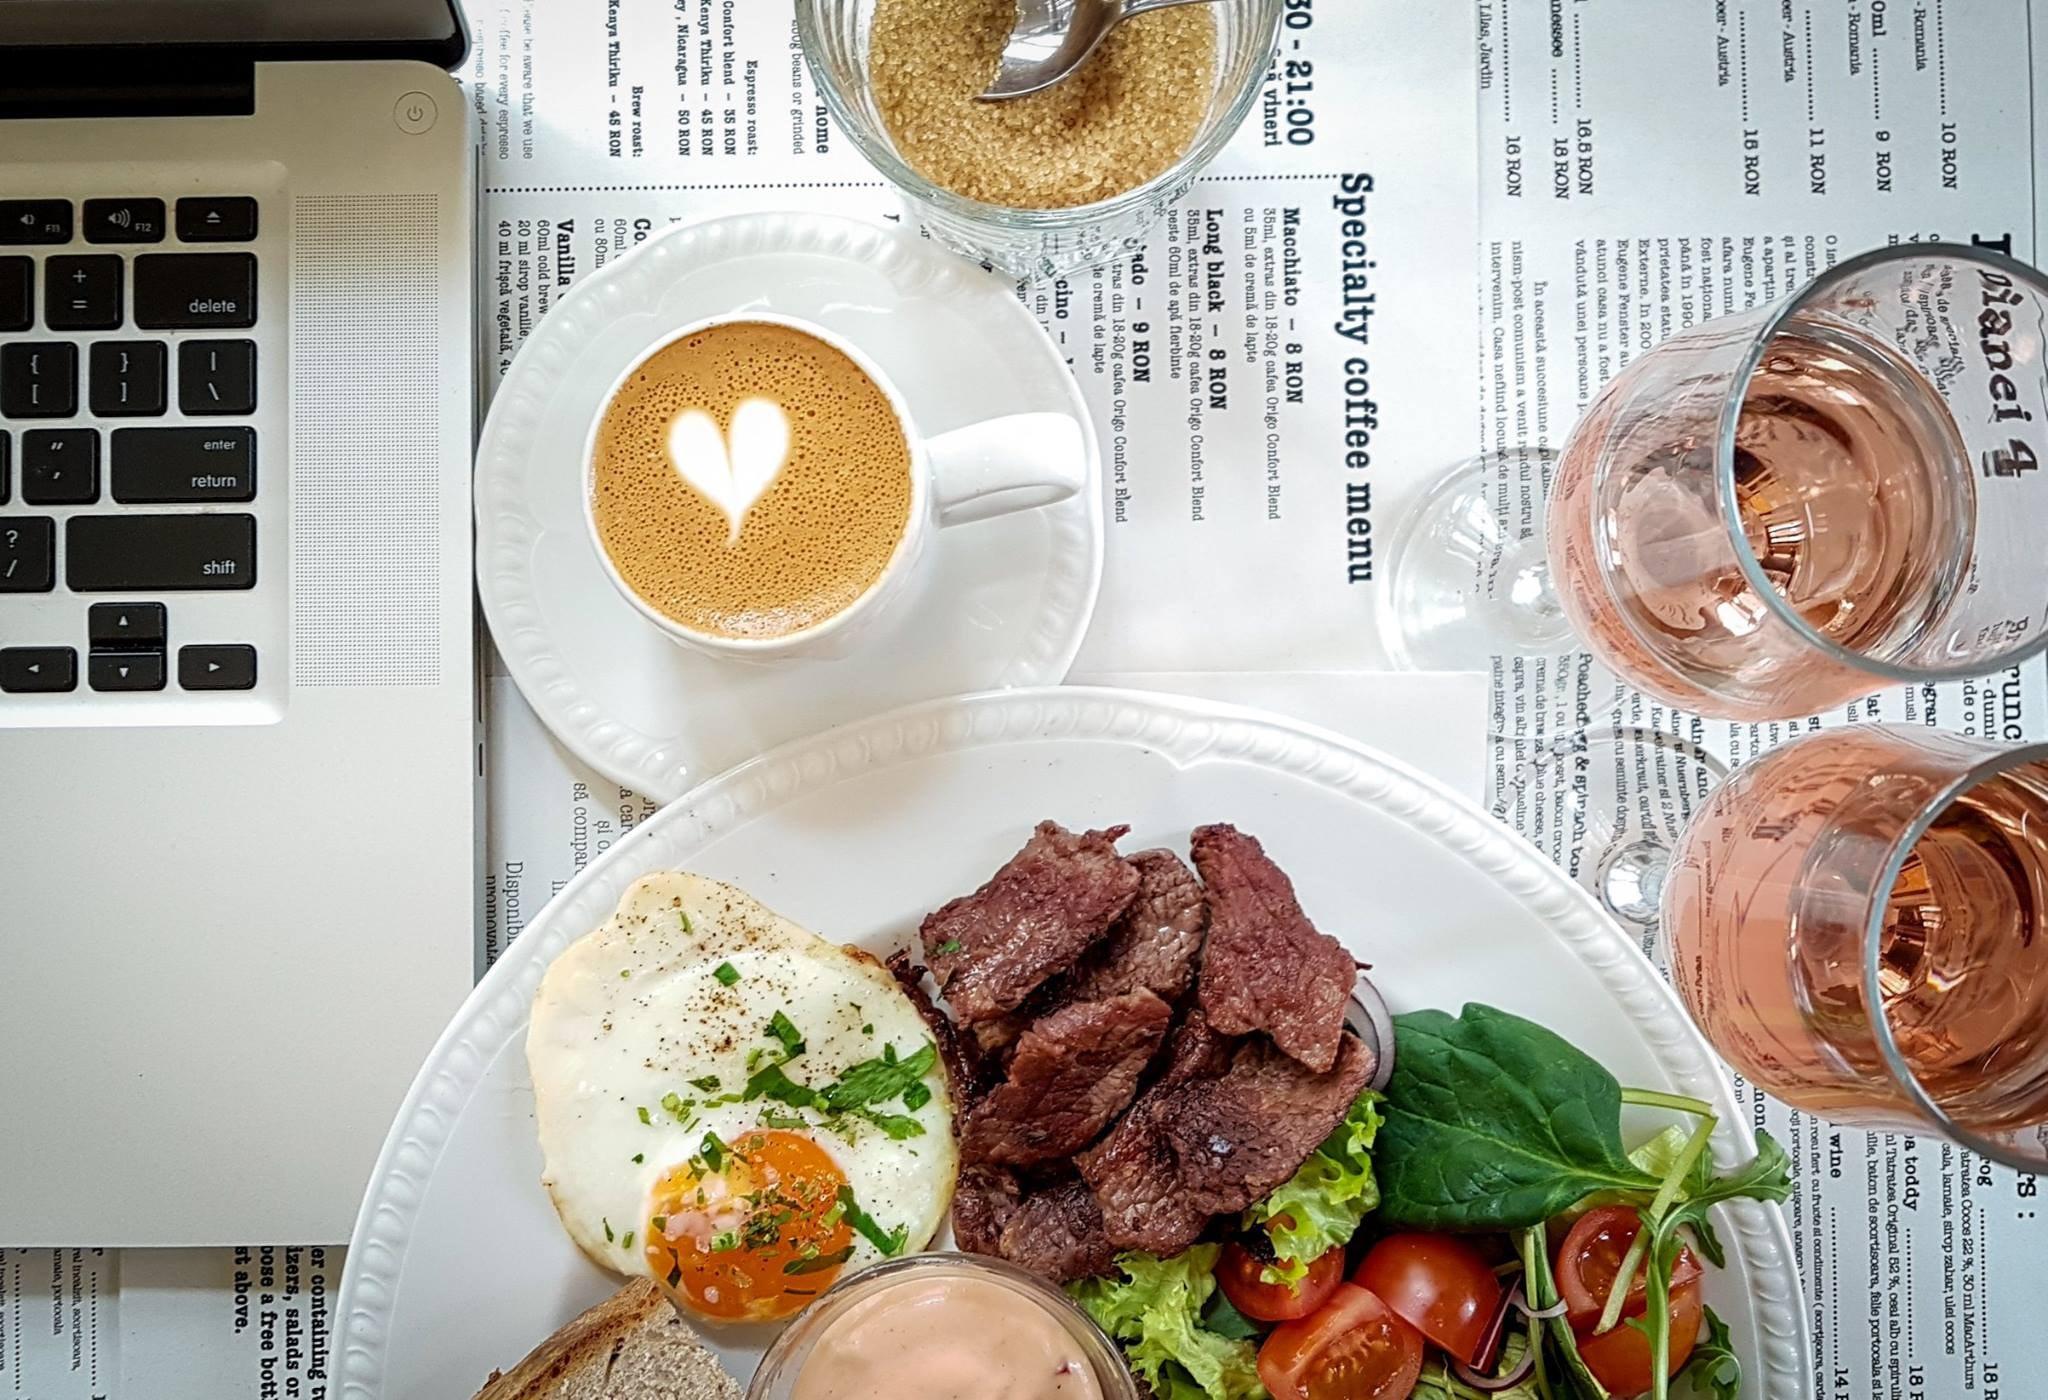 e0241c493852 12 Best Breakfast and Brunch Spots in Bucharest